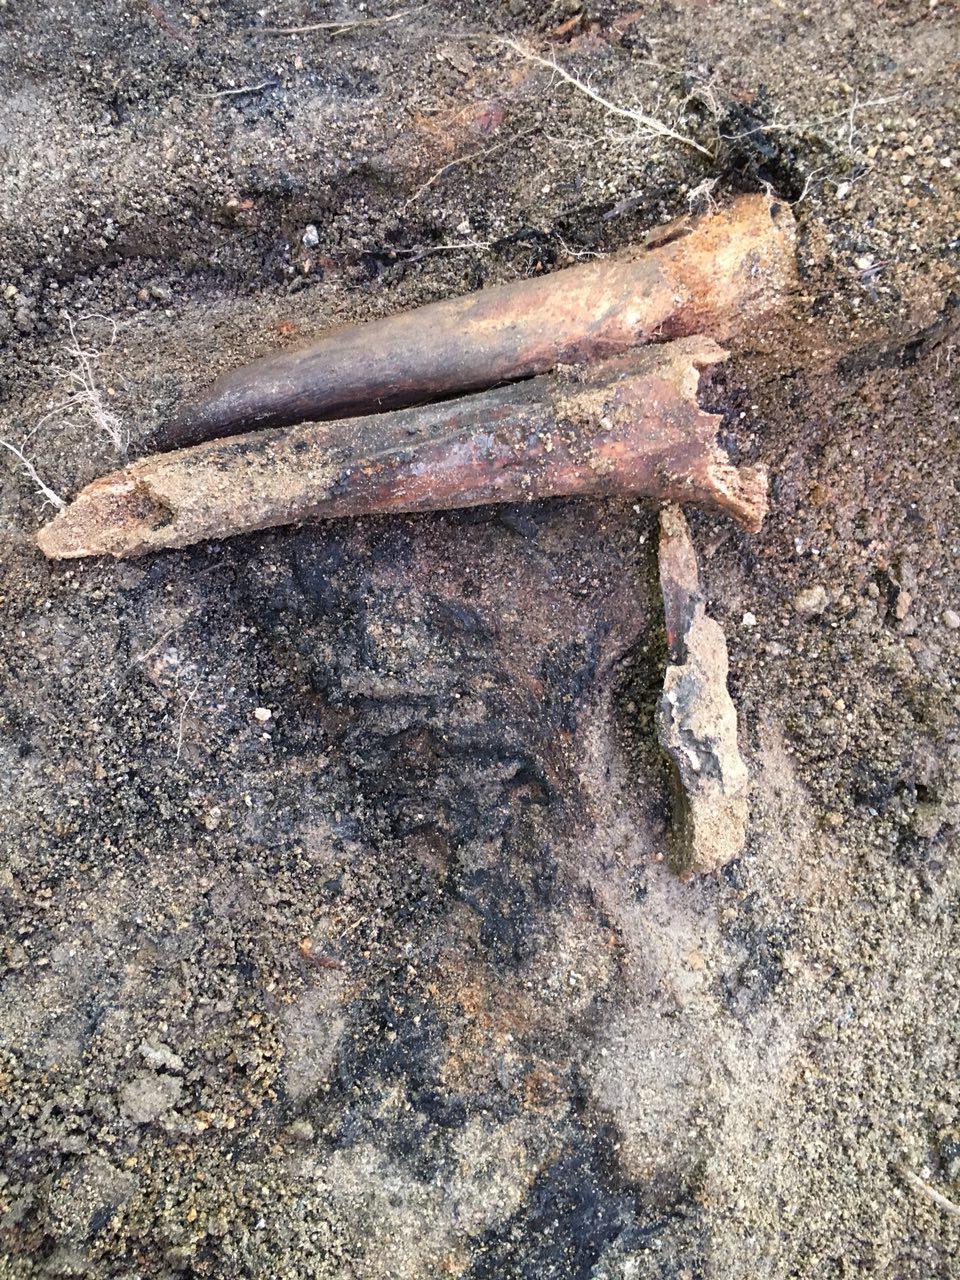 아산시 배방면 중리마을 뒷산 폐금광 유해발굴 현장에서 발굴된 불에 그을린 유해. 불에 탄 옷감이 달라 붙어 있다.